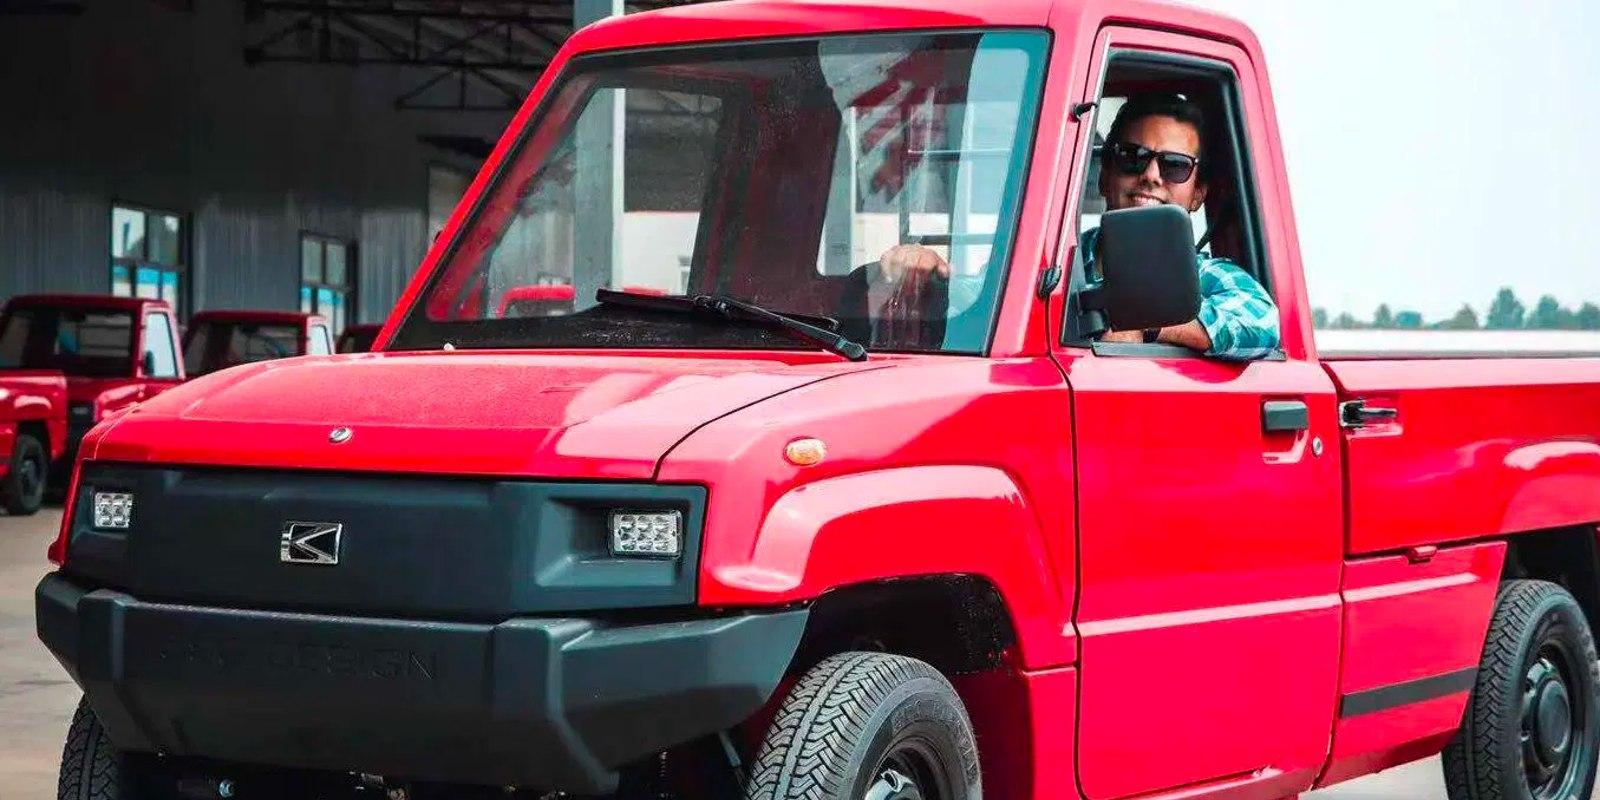 reprodução electrek.co / Alibaba vende na internet mini caminhonete elétrica com foco em carga e autonomia de 120 km; preço do veículo elétrico surpreende